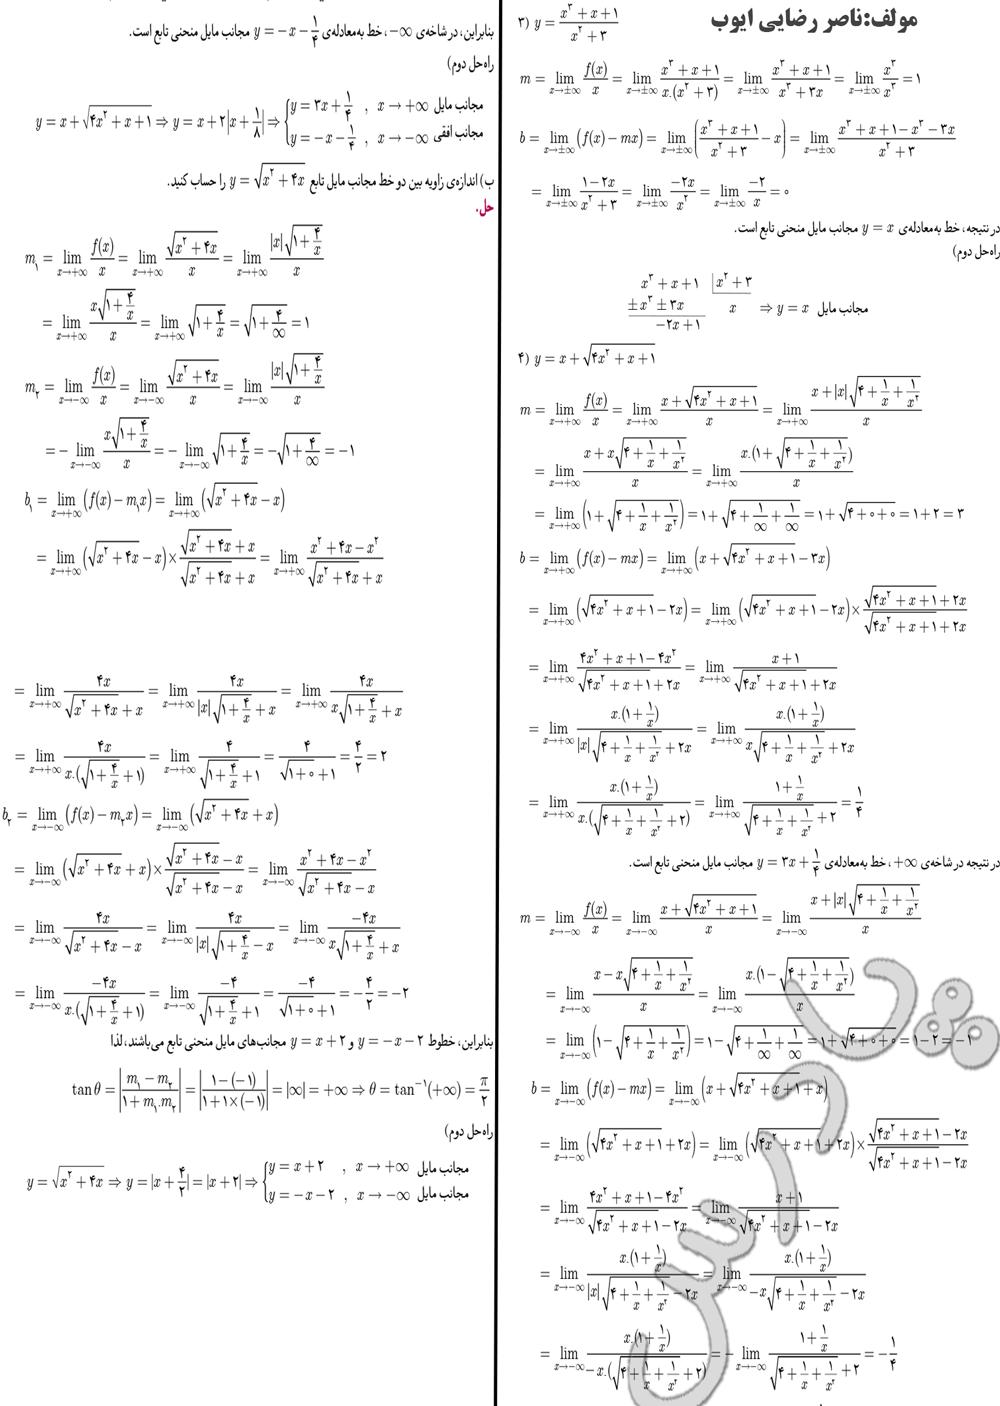 ادامه حل مسائل صفحه 122 دیفرانسیل پیش دانشگاهی